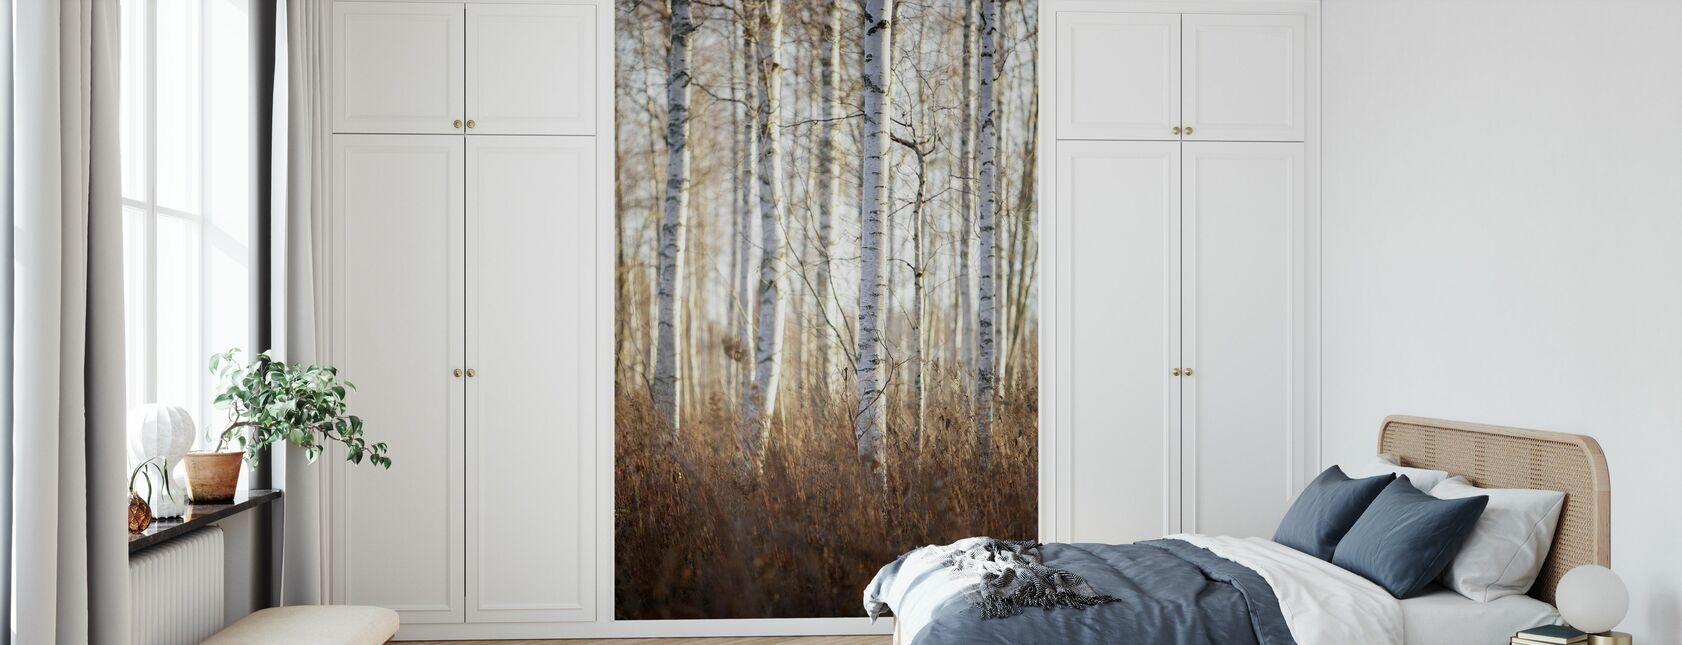 Birkenwald in Dalarna, Schweden, Europa - Tapete - Schlafzimmer